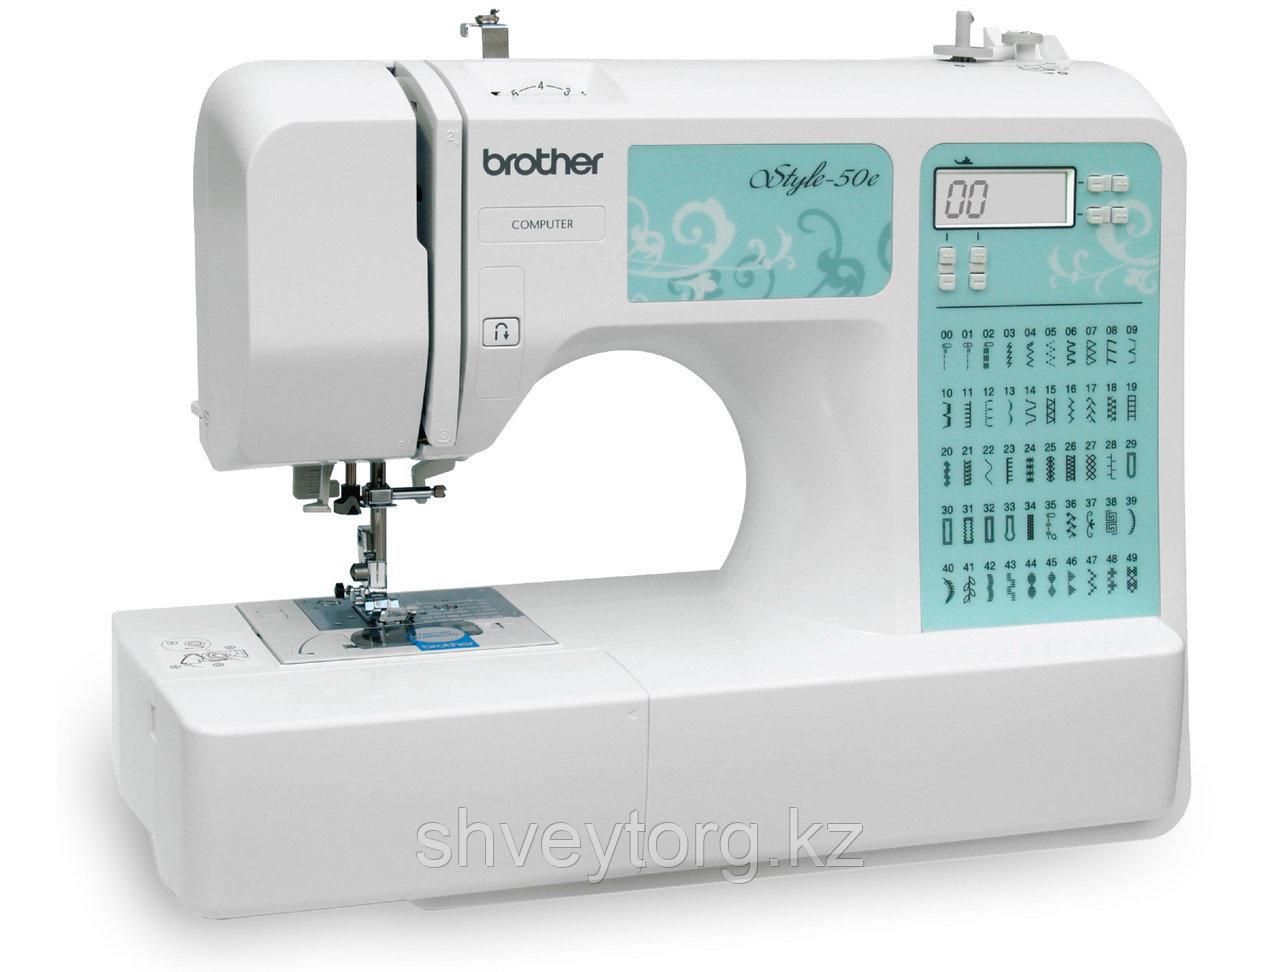 Компьютеризированная швейная машина Brother style 50